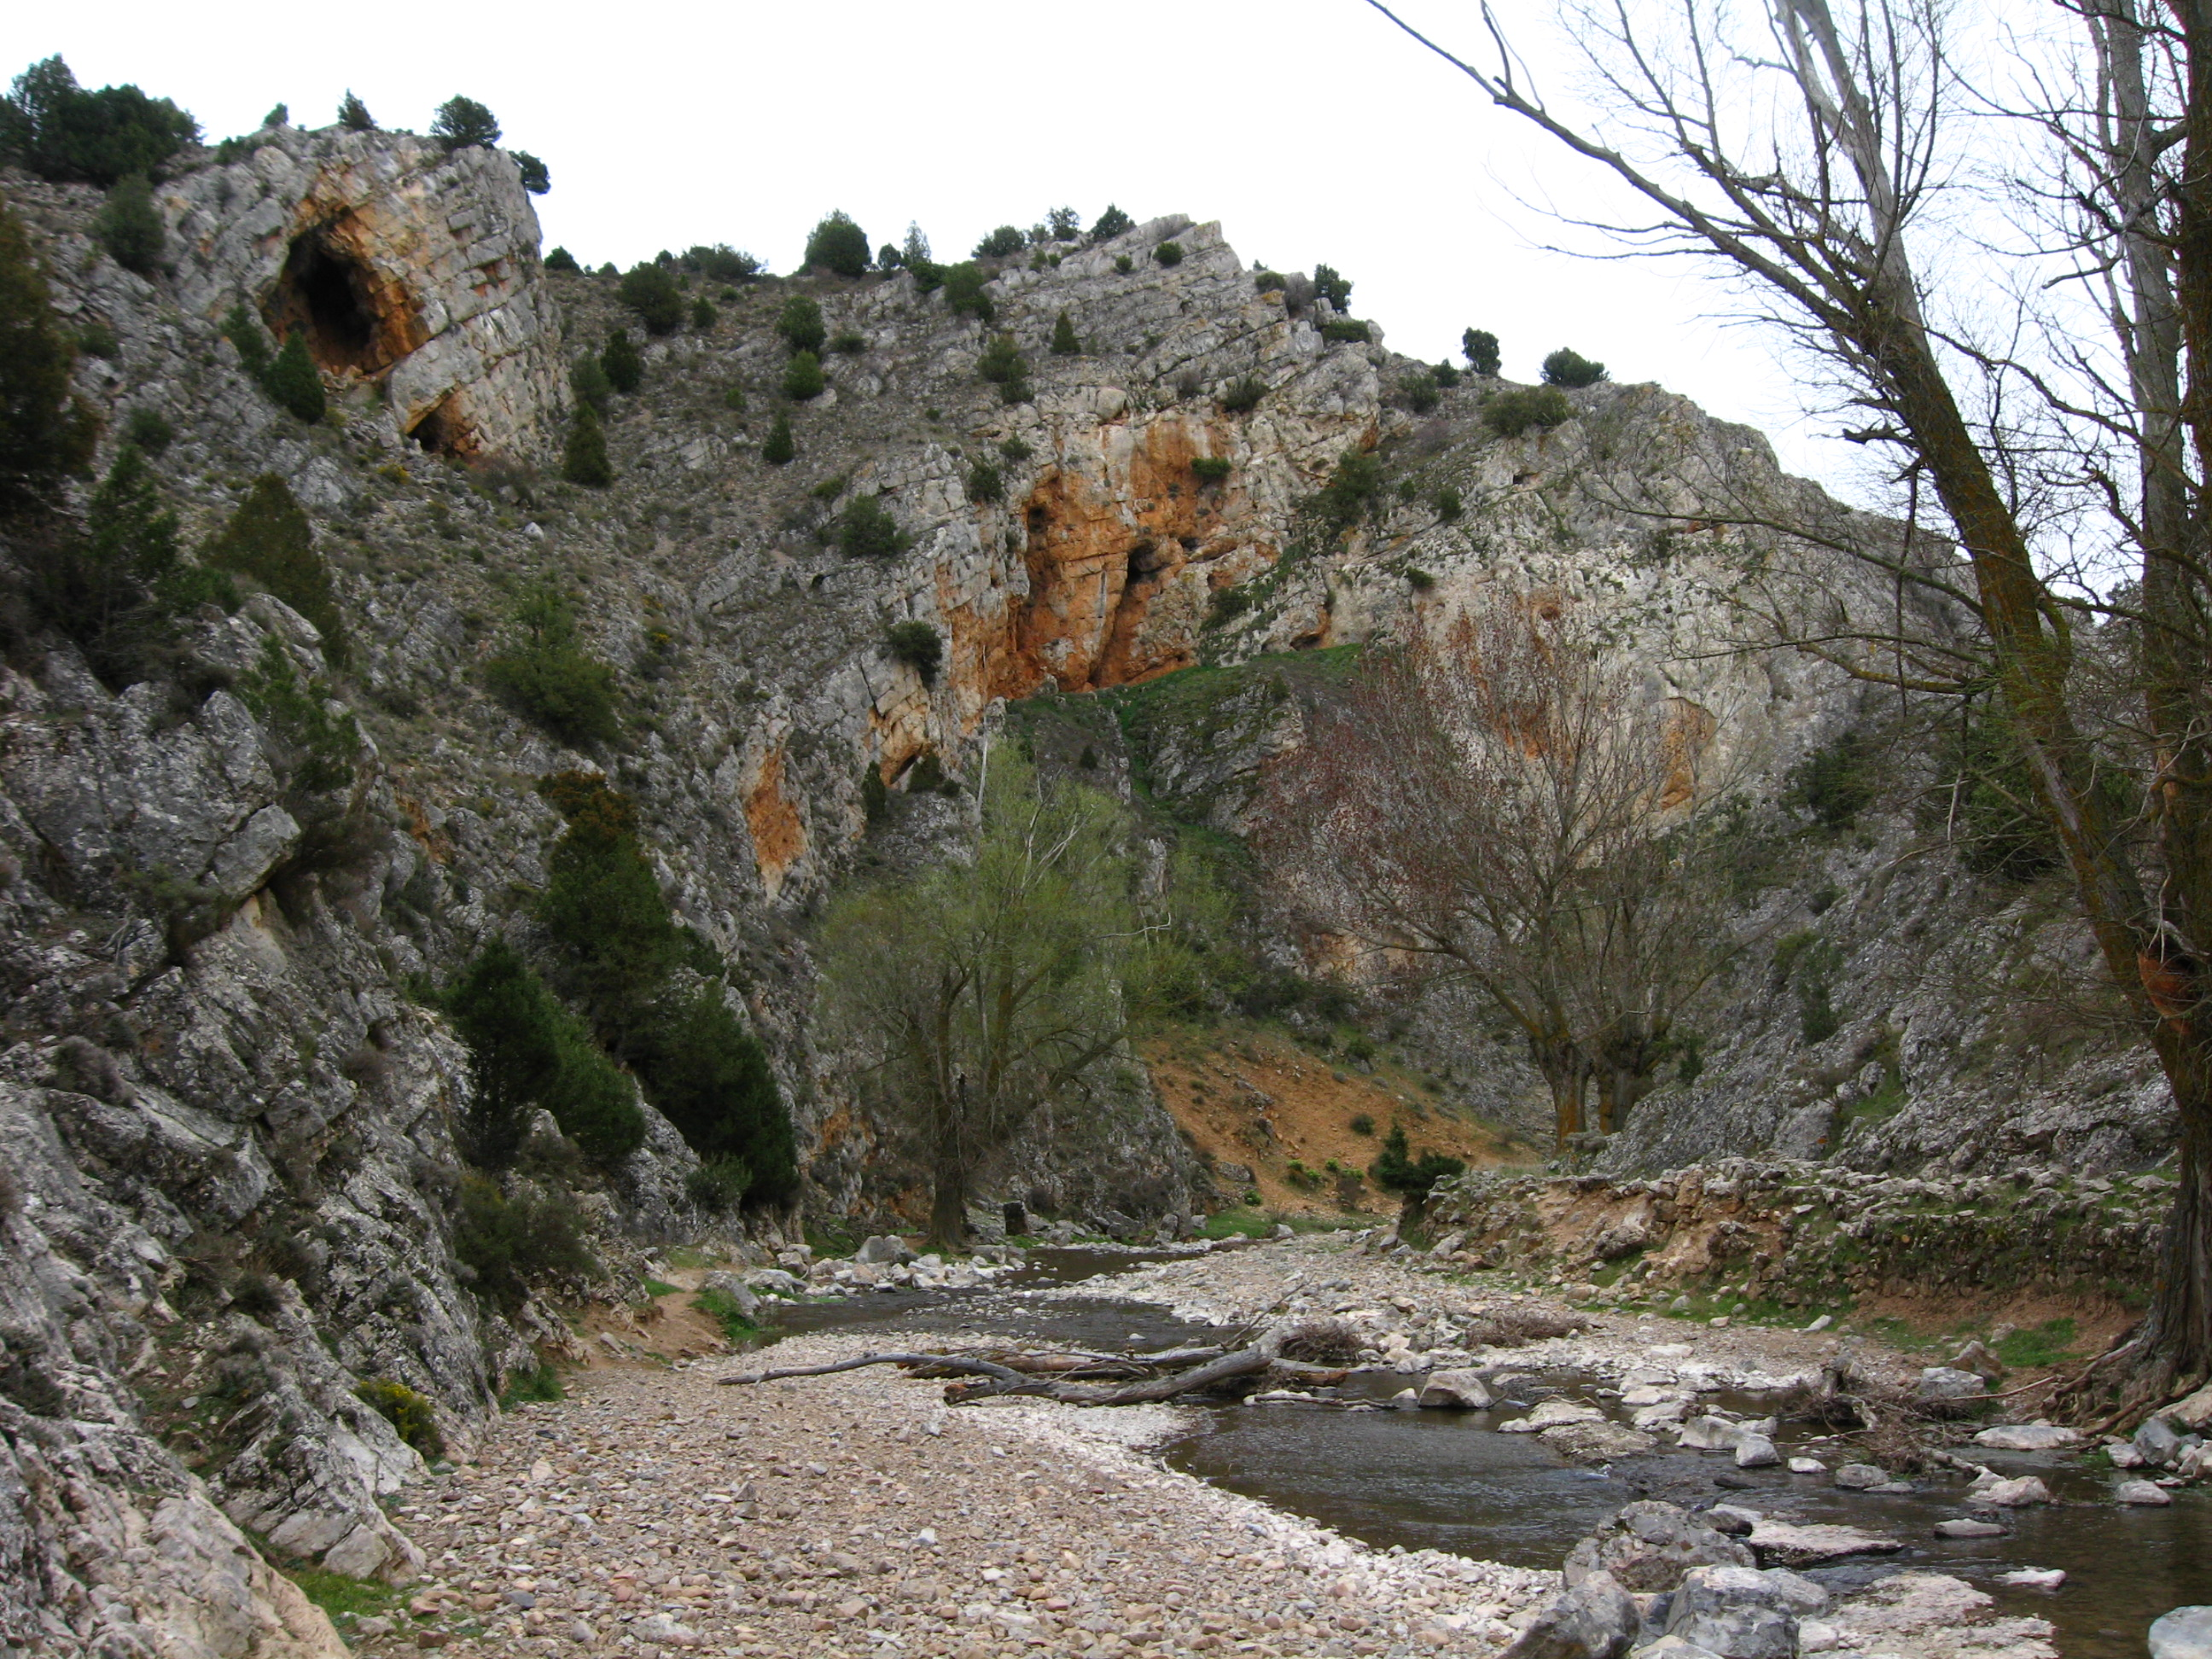 Pedimos explicaciones al Gobierno por el posible vertido de magnesitas procedentes de la mina de Borobia al río Manubles